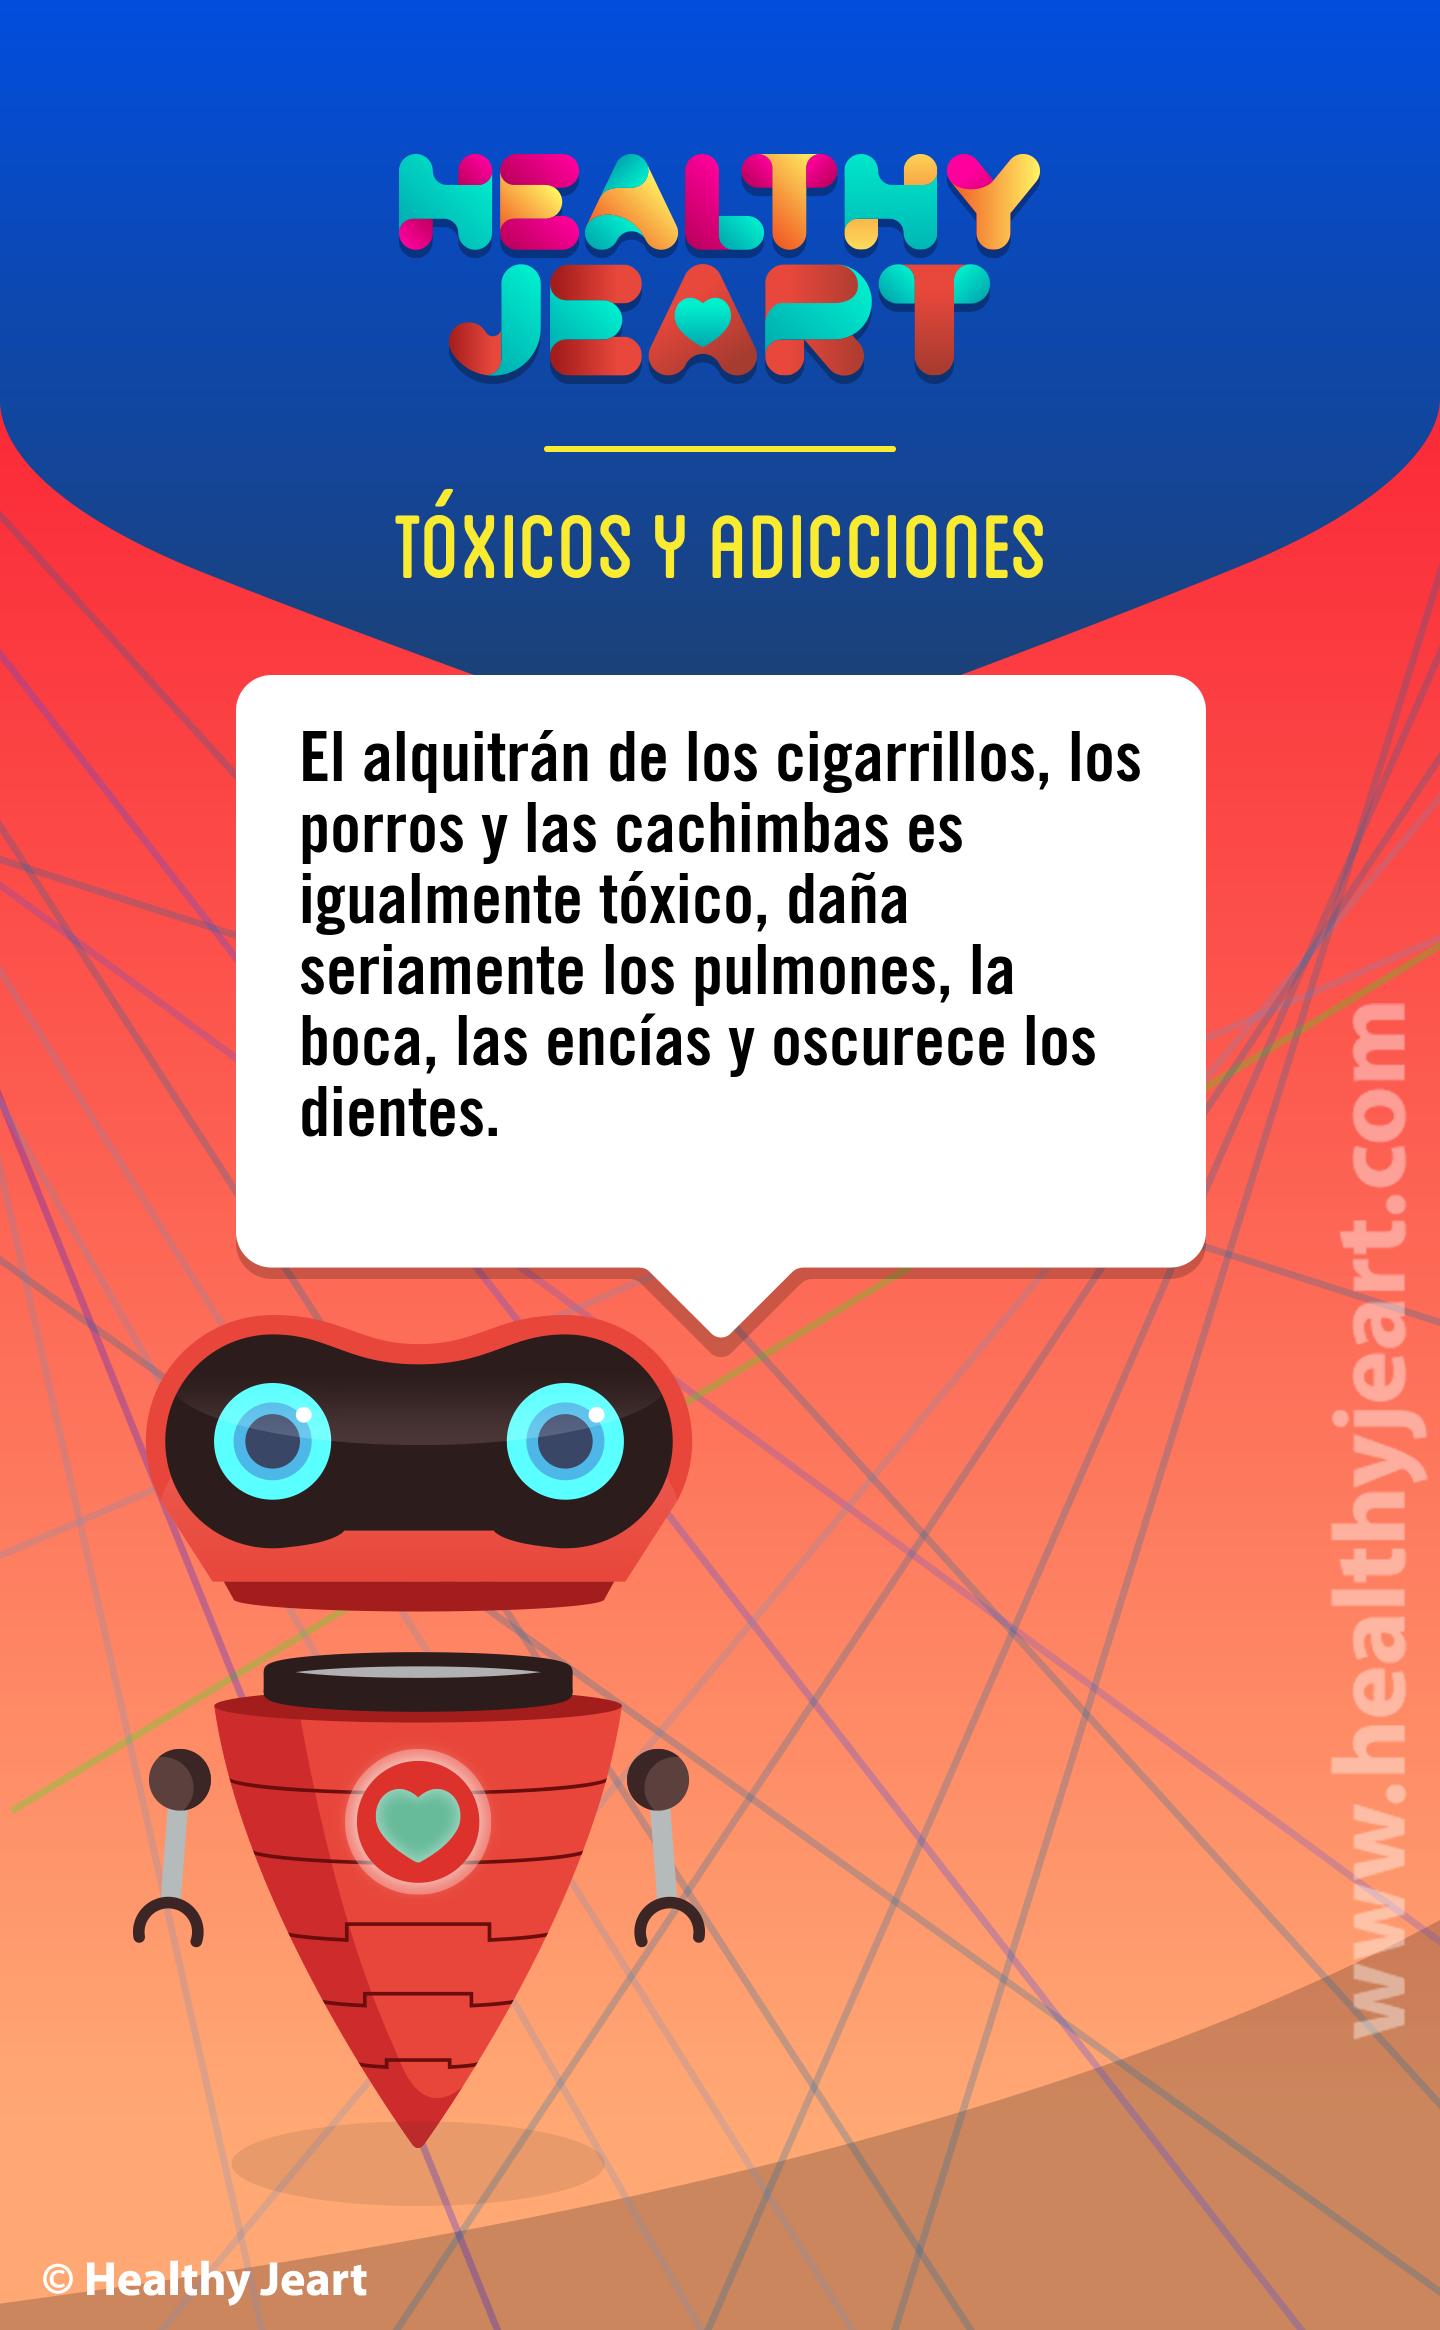 El alquitran de los cigarrillos, los porros y las cachimbas es igualmente tóxico, daña seriamente los pulmones, la boca, las encías y oscurece los dientes.